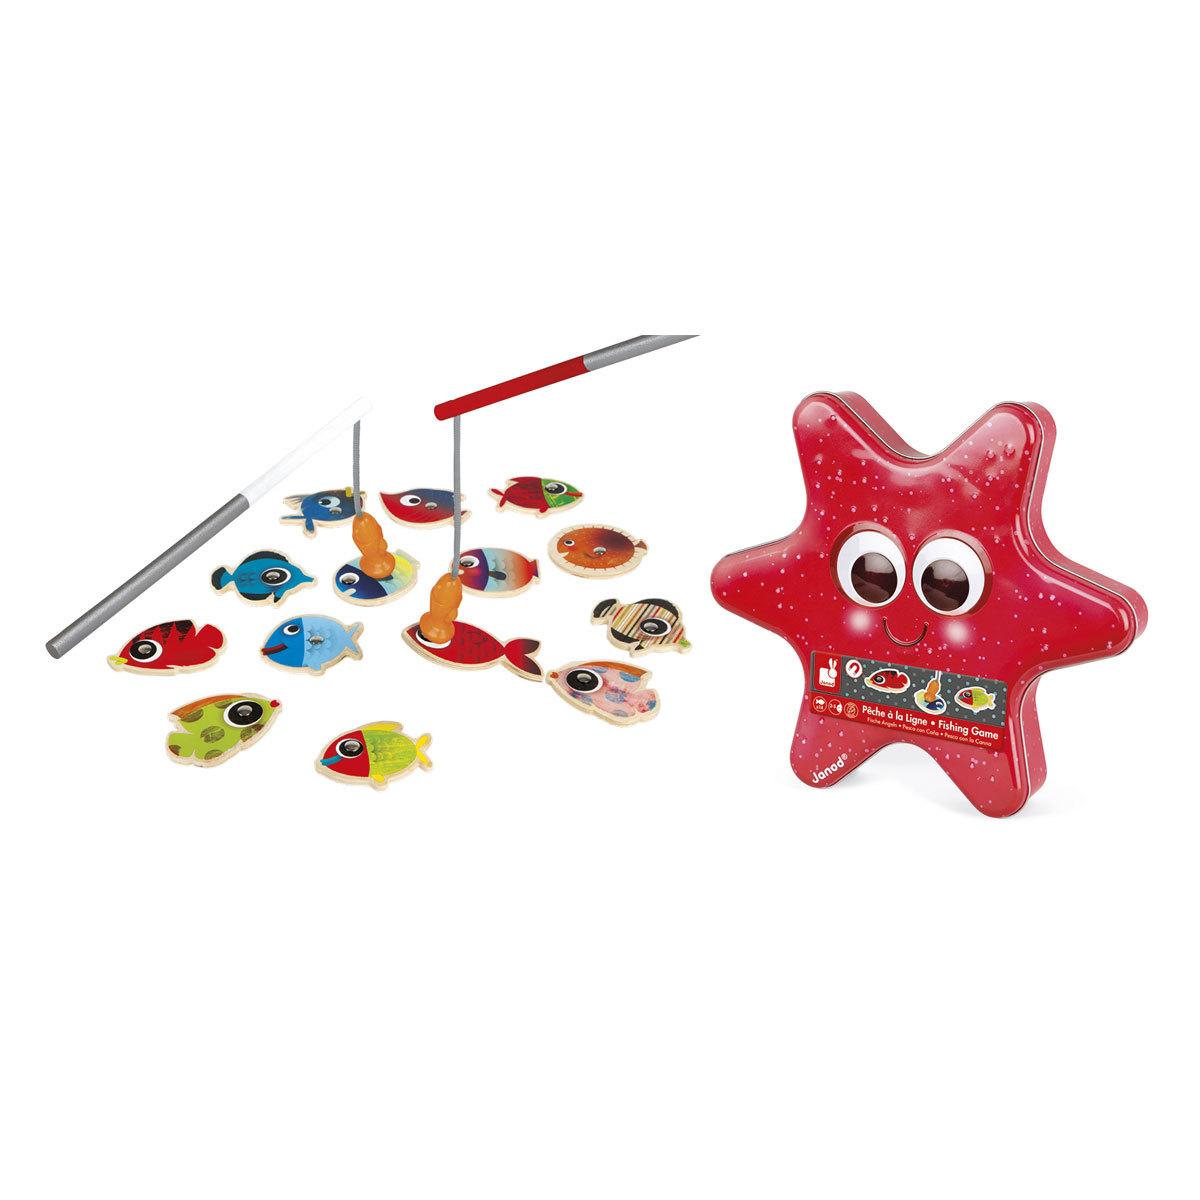 Mes premiers jouets Pêche à la Ligne - Etoile de Mer Pêche à la Ligne - Etoile de Mer